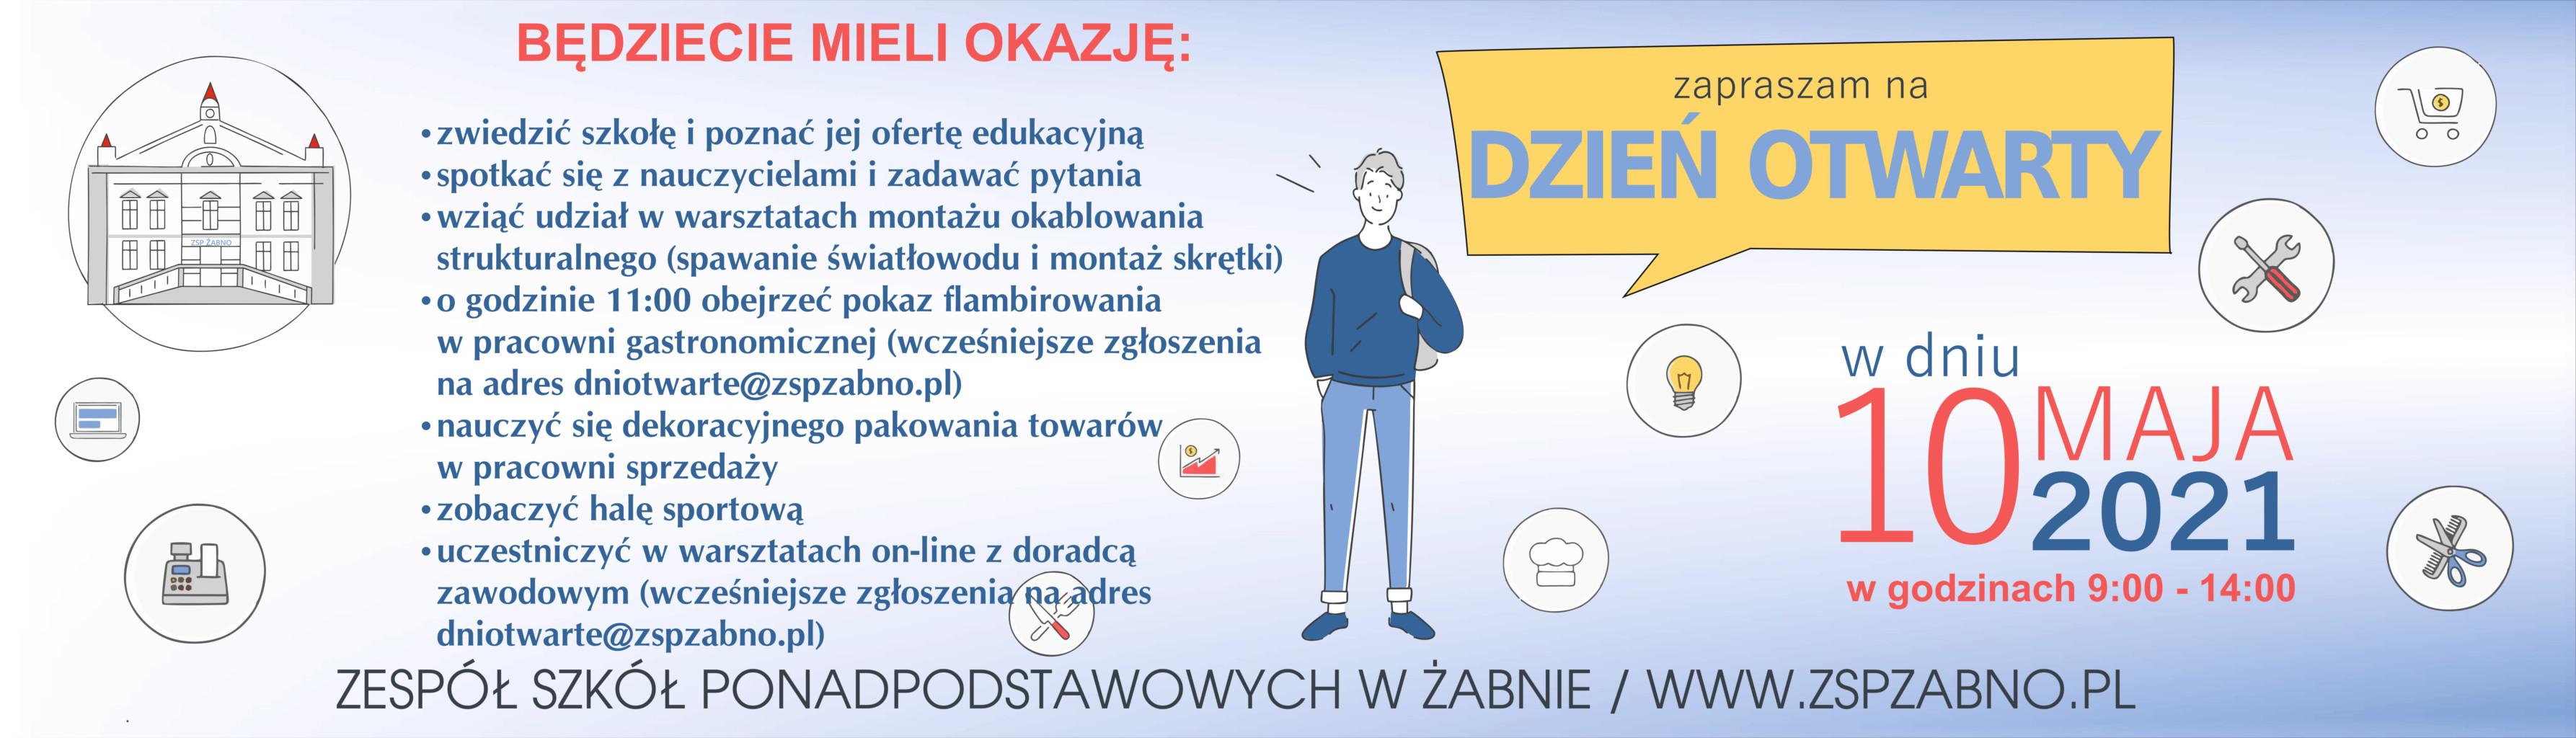 Zaproszenie na Dzień Otwarty ZSP w Żabnie.jpg (613 KB)